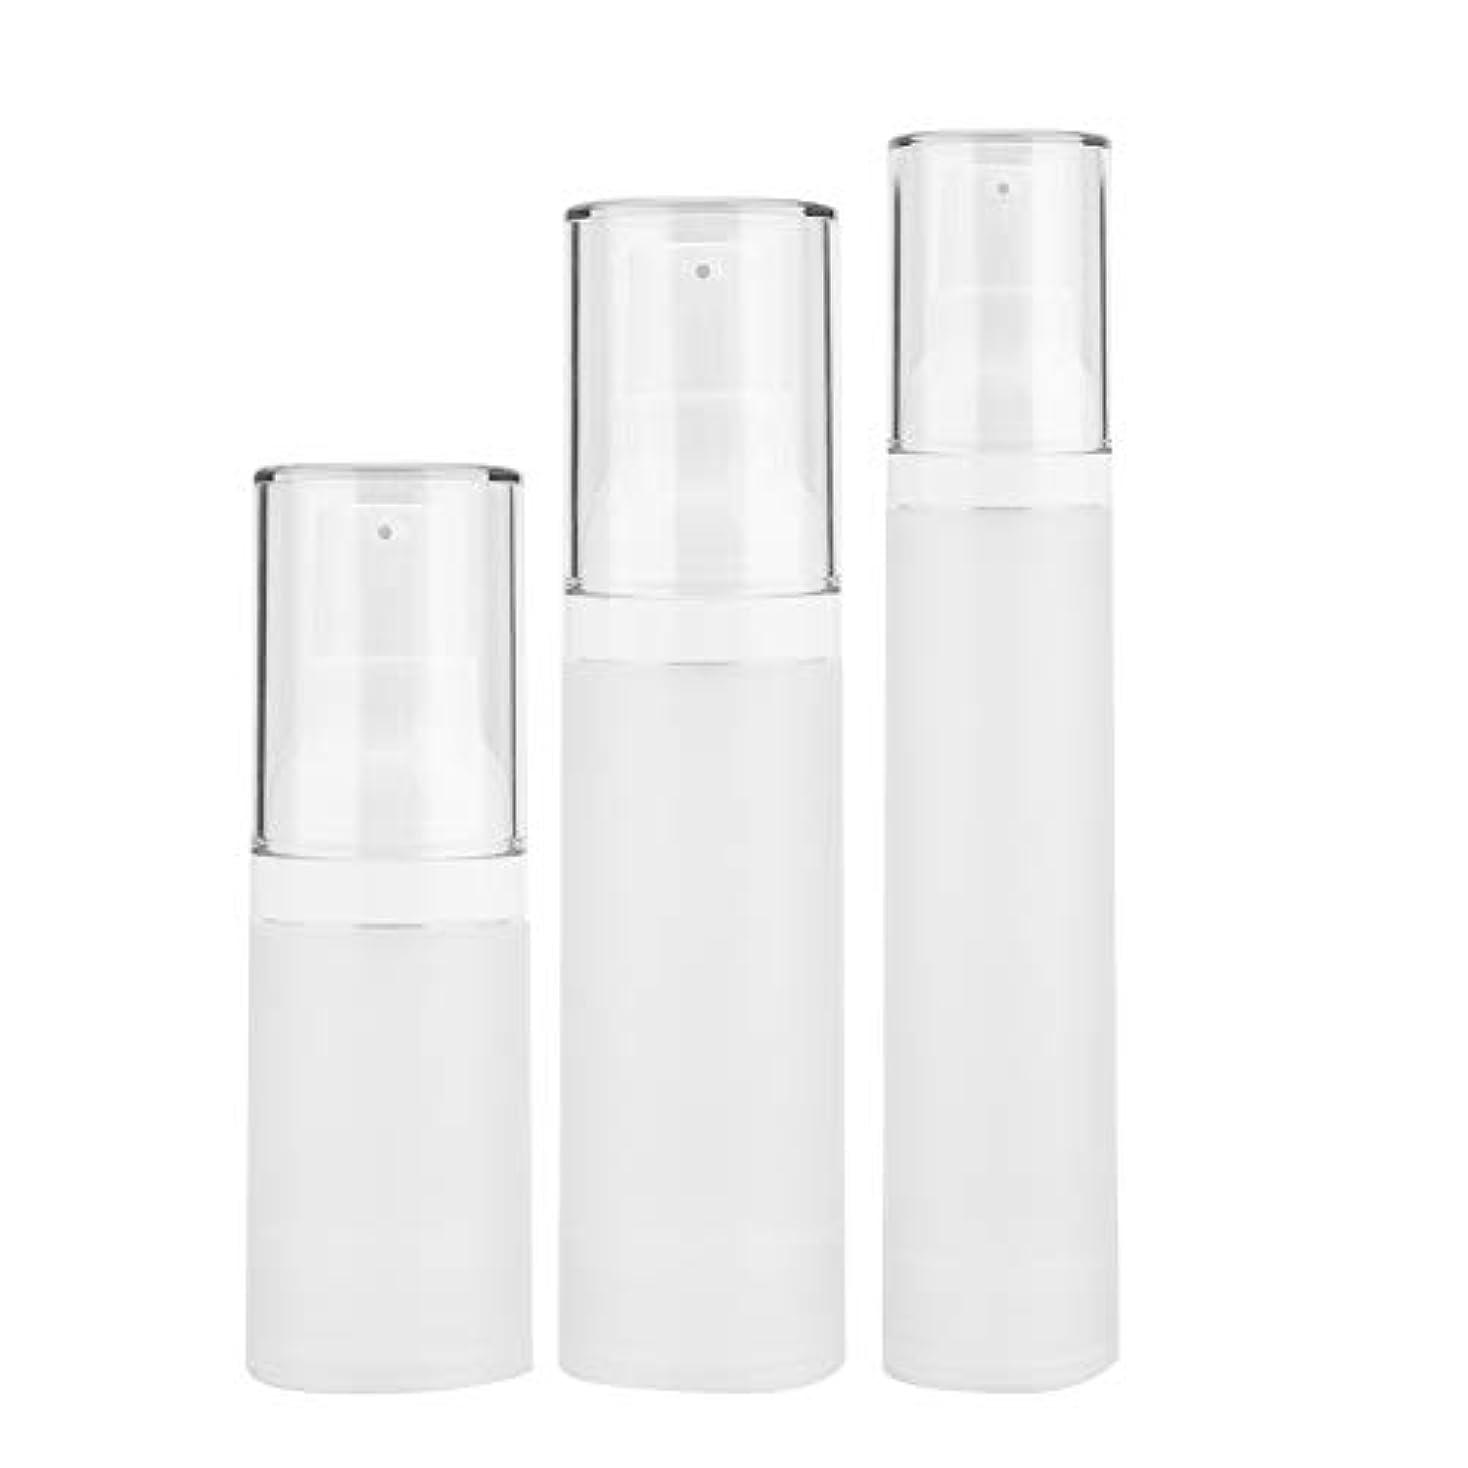 バイソンコメントアコード3本入りトラベルボトルセット - 化粧品旅行用容器、化粧品容器が空の化粧品容器付きペットボトル - シャンプーとスプレー用(3 pcs)